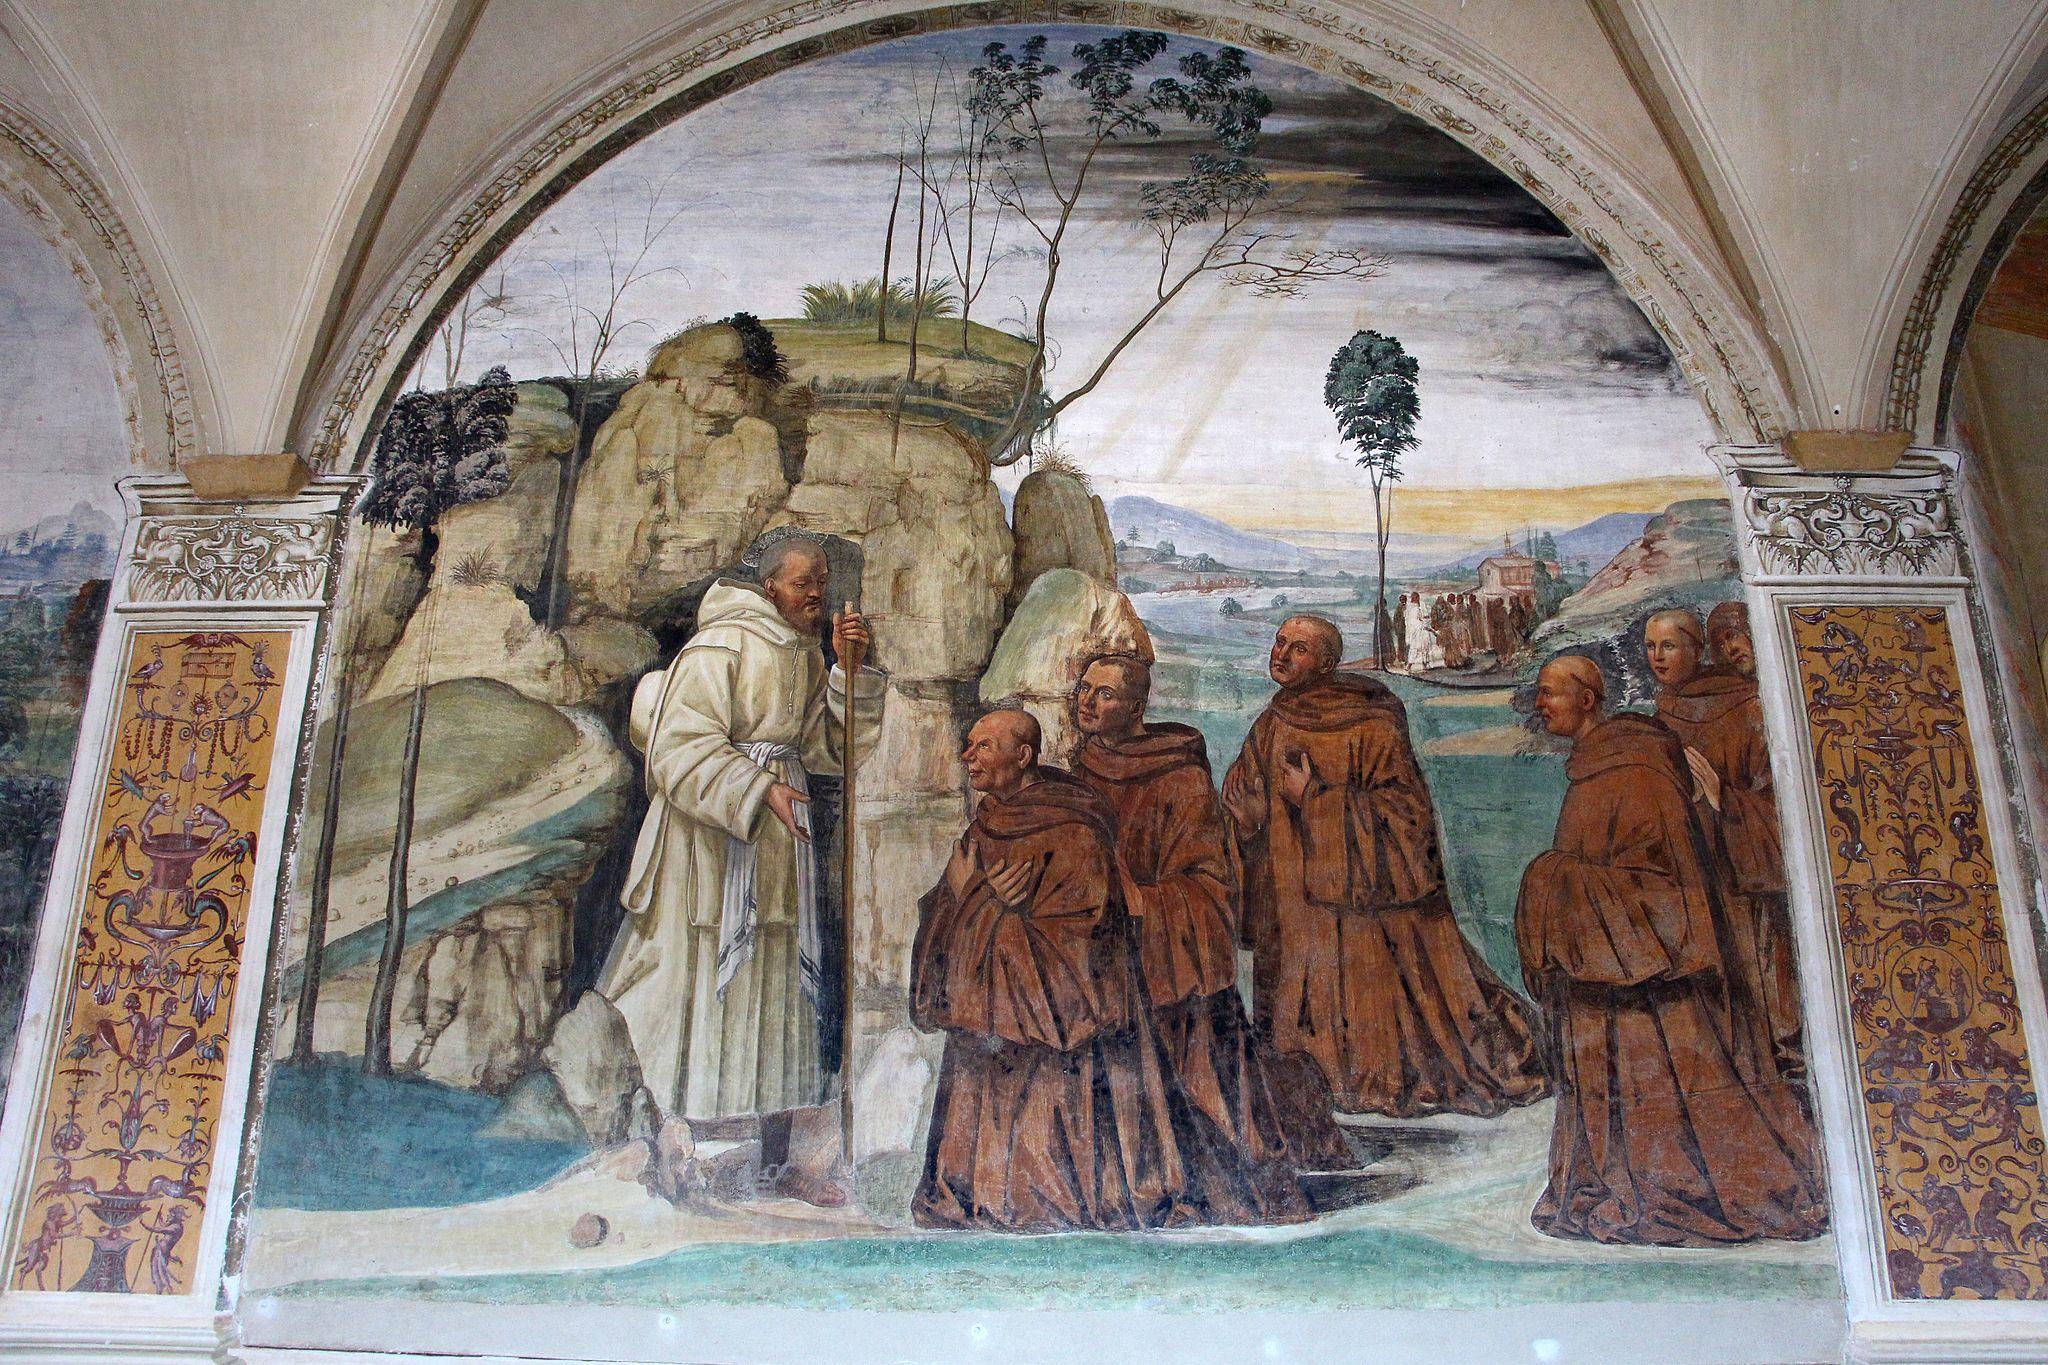 Il Sodoma, Le storie di San Benedetto, Scena 8, Come Benedetto ai prieghi di alcuni eremiti consente di essere loro capo, Abbazia di Monte Oliveto Maggiore, Il Cloistro Grande